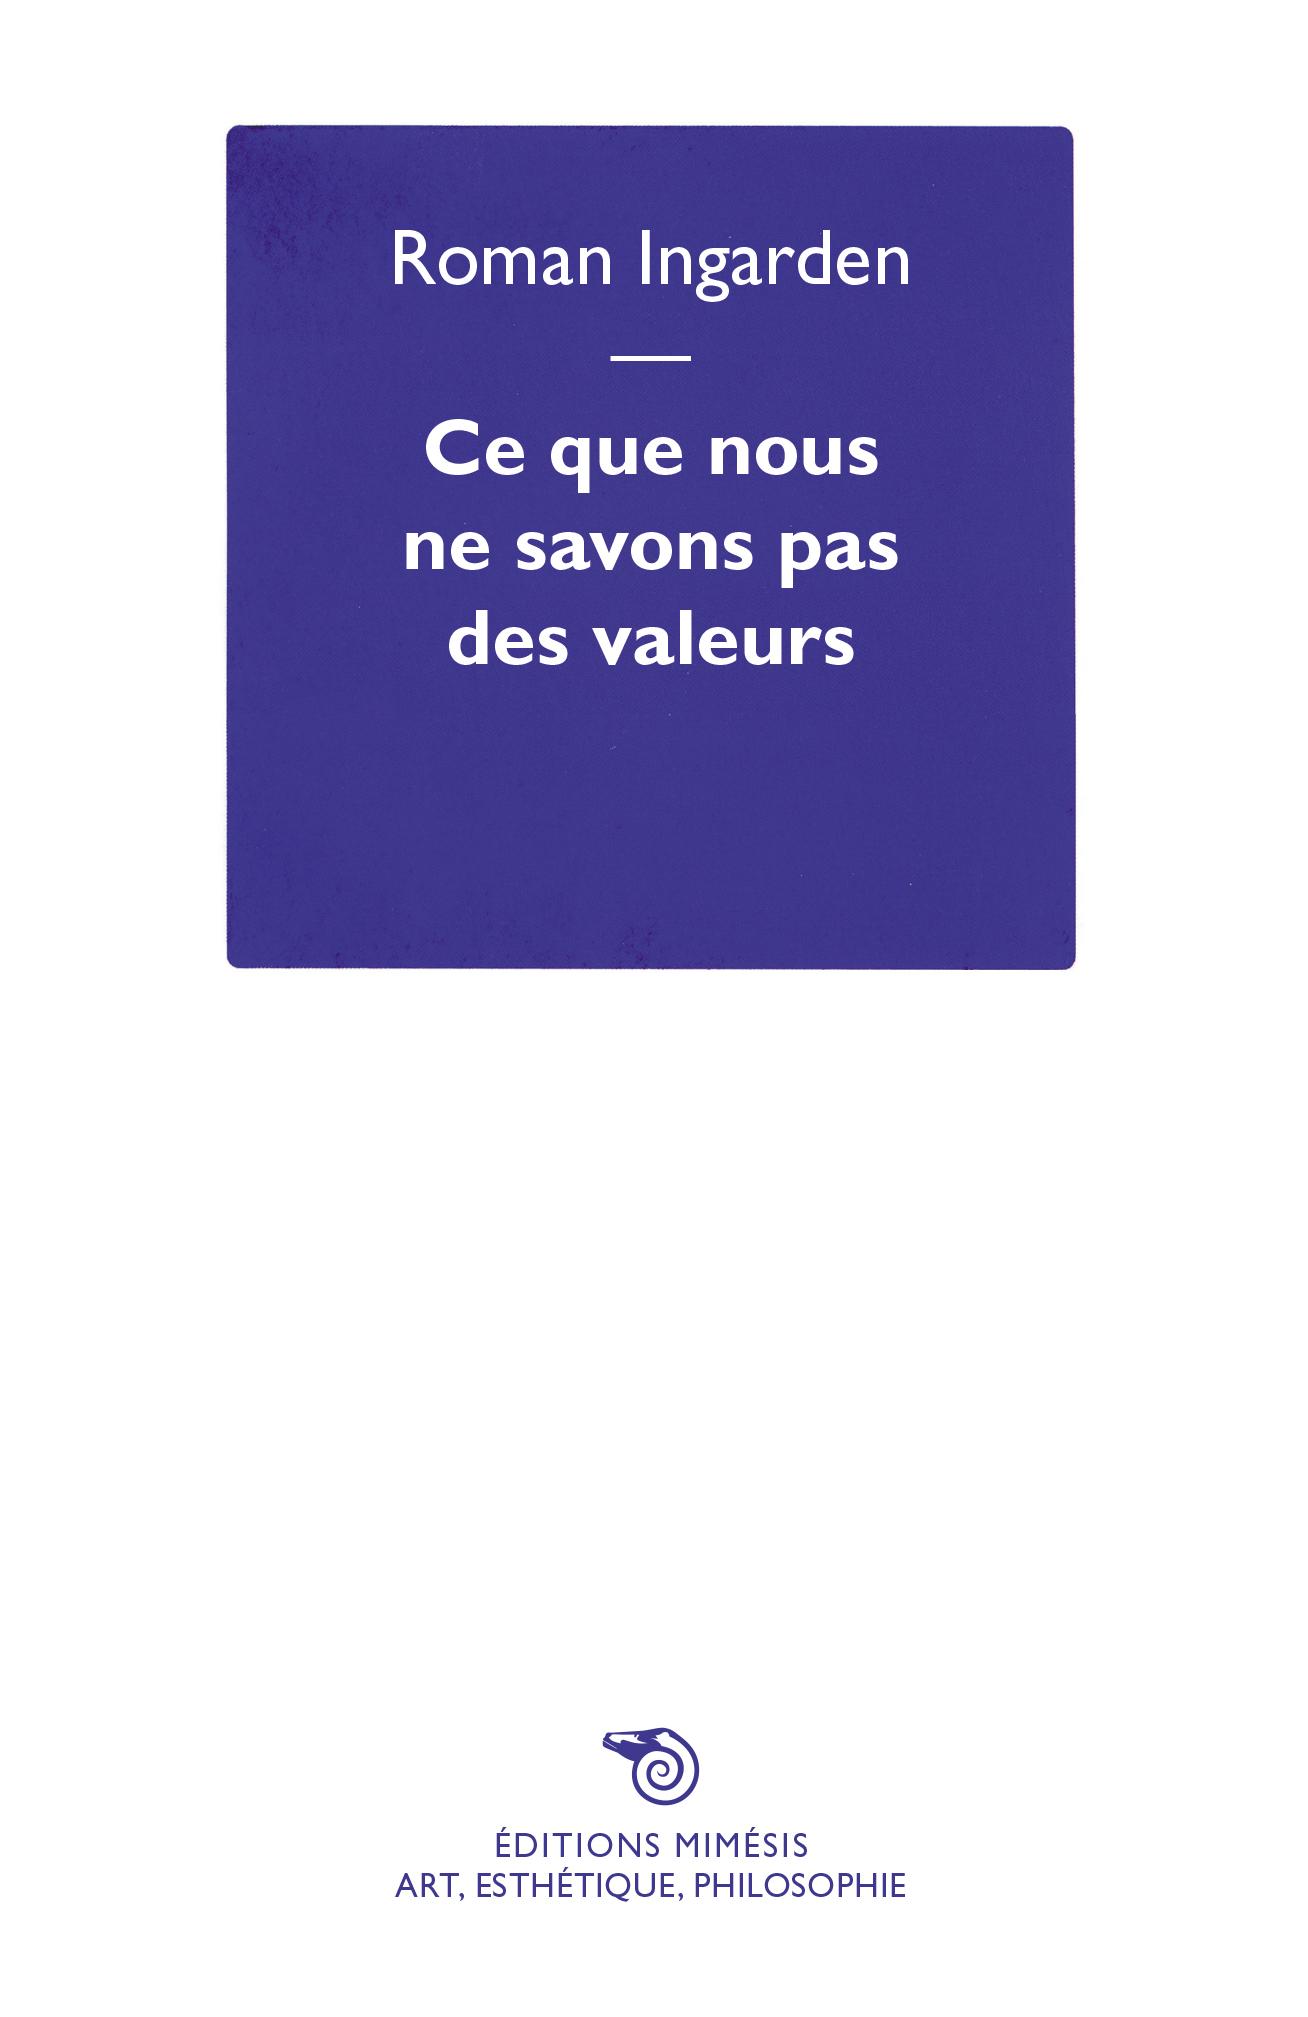 R. Ingarden, Ce que nous ne savons pas des valeurs